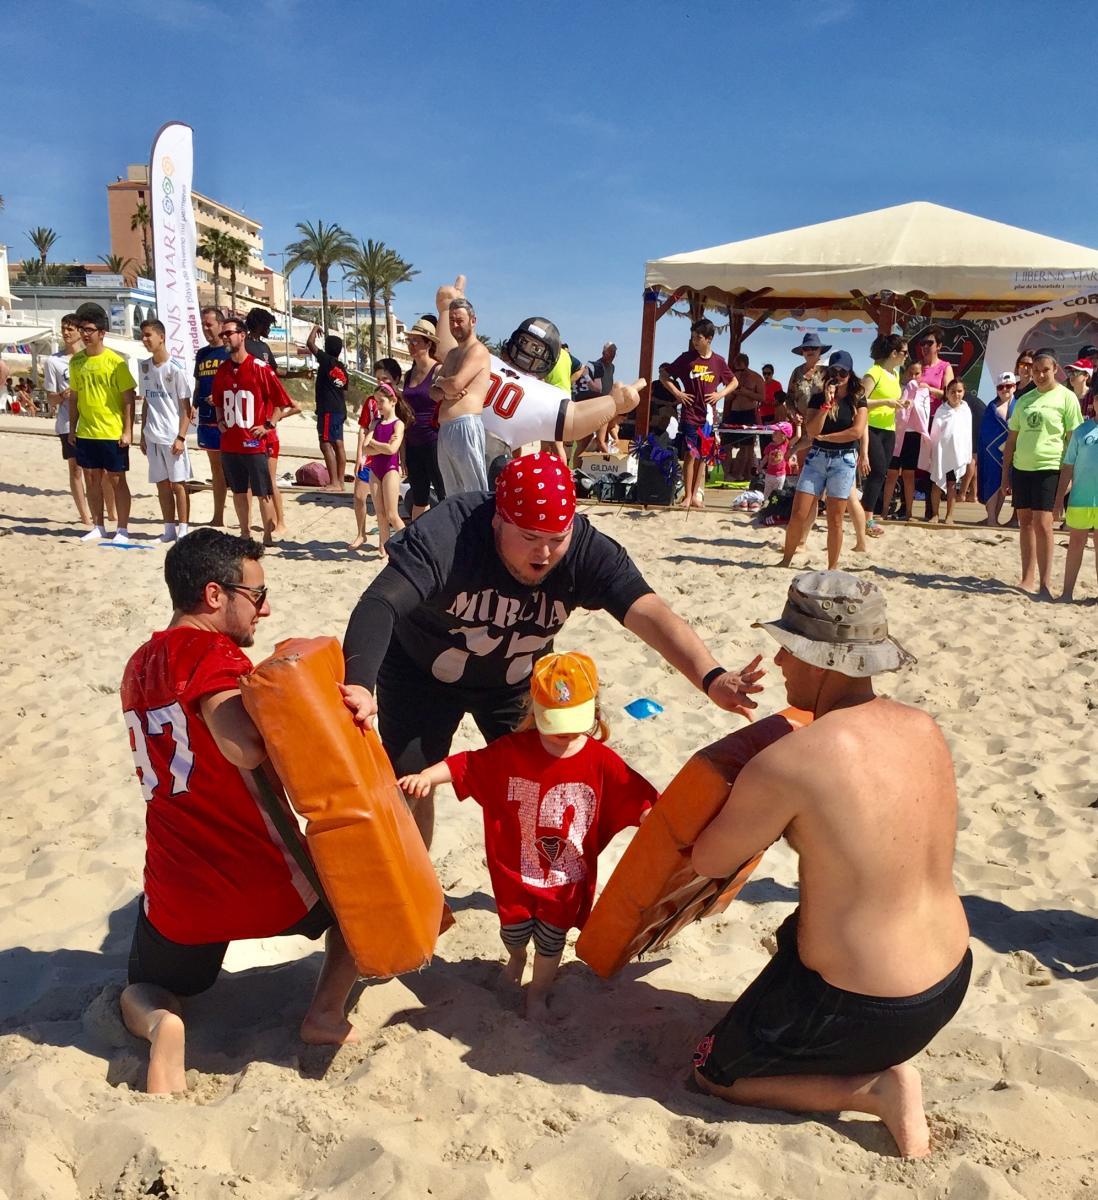 fútbol americano hibernis mare mil palmeras pilar de la horadada playa de invierno